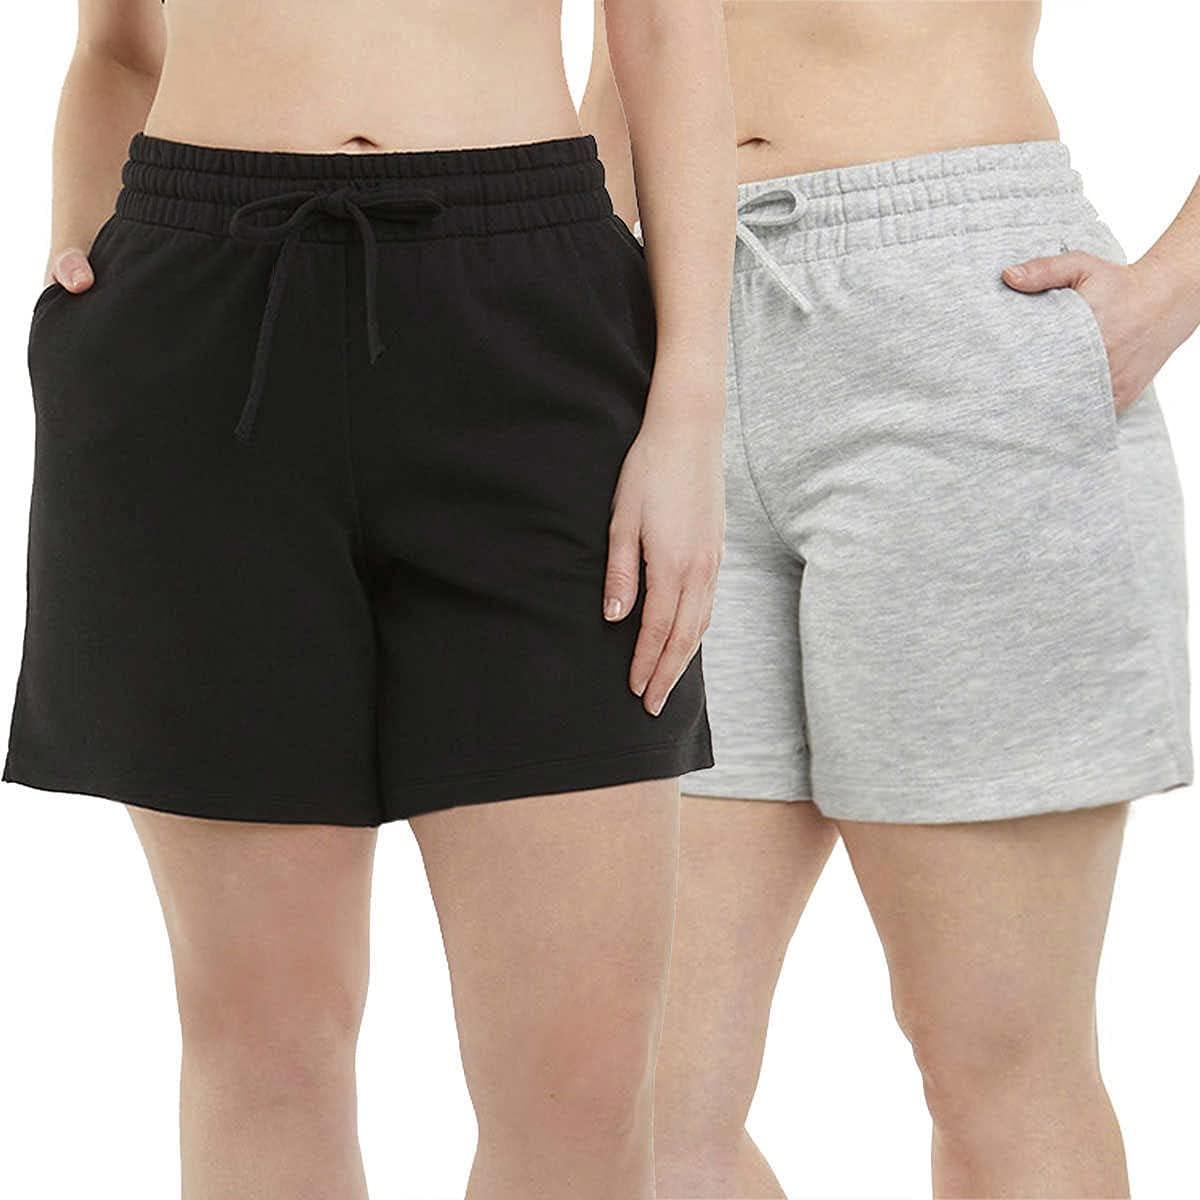 Danskin Womens 2-Pack Soft Active Short